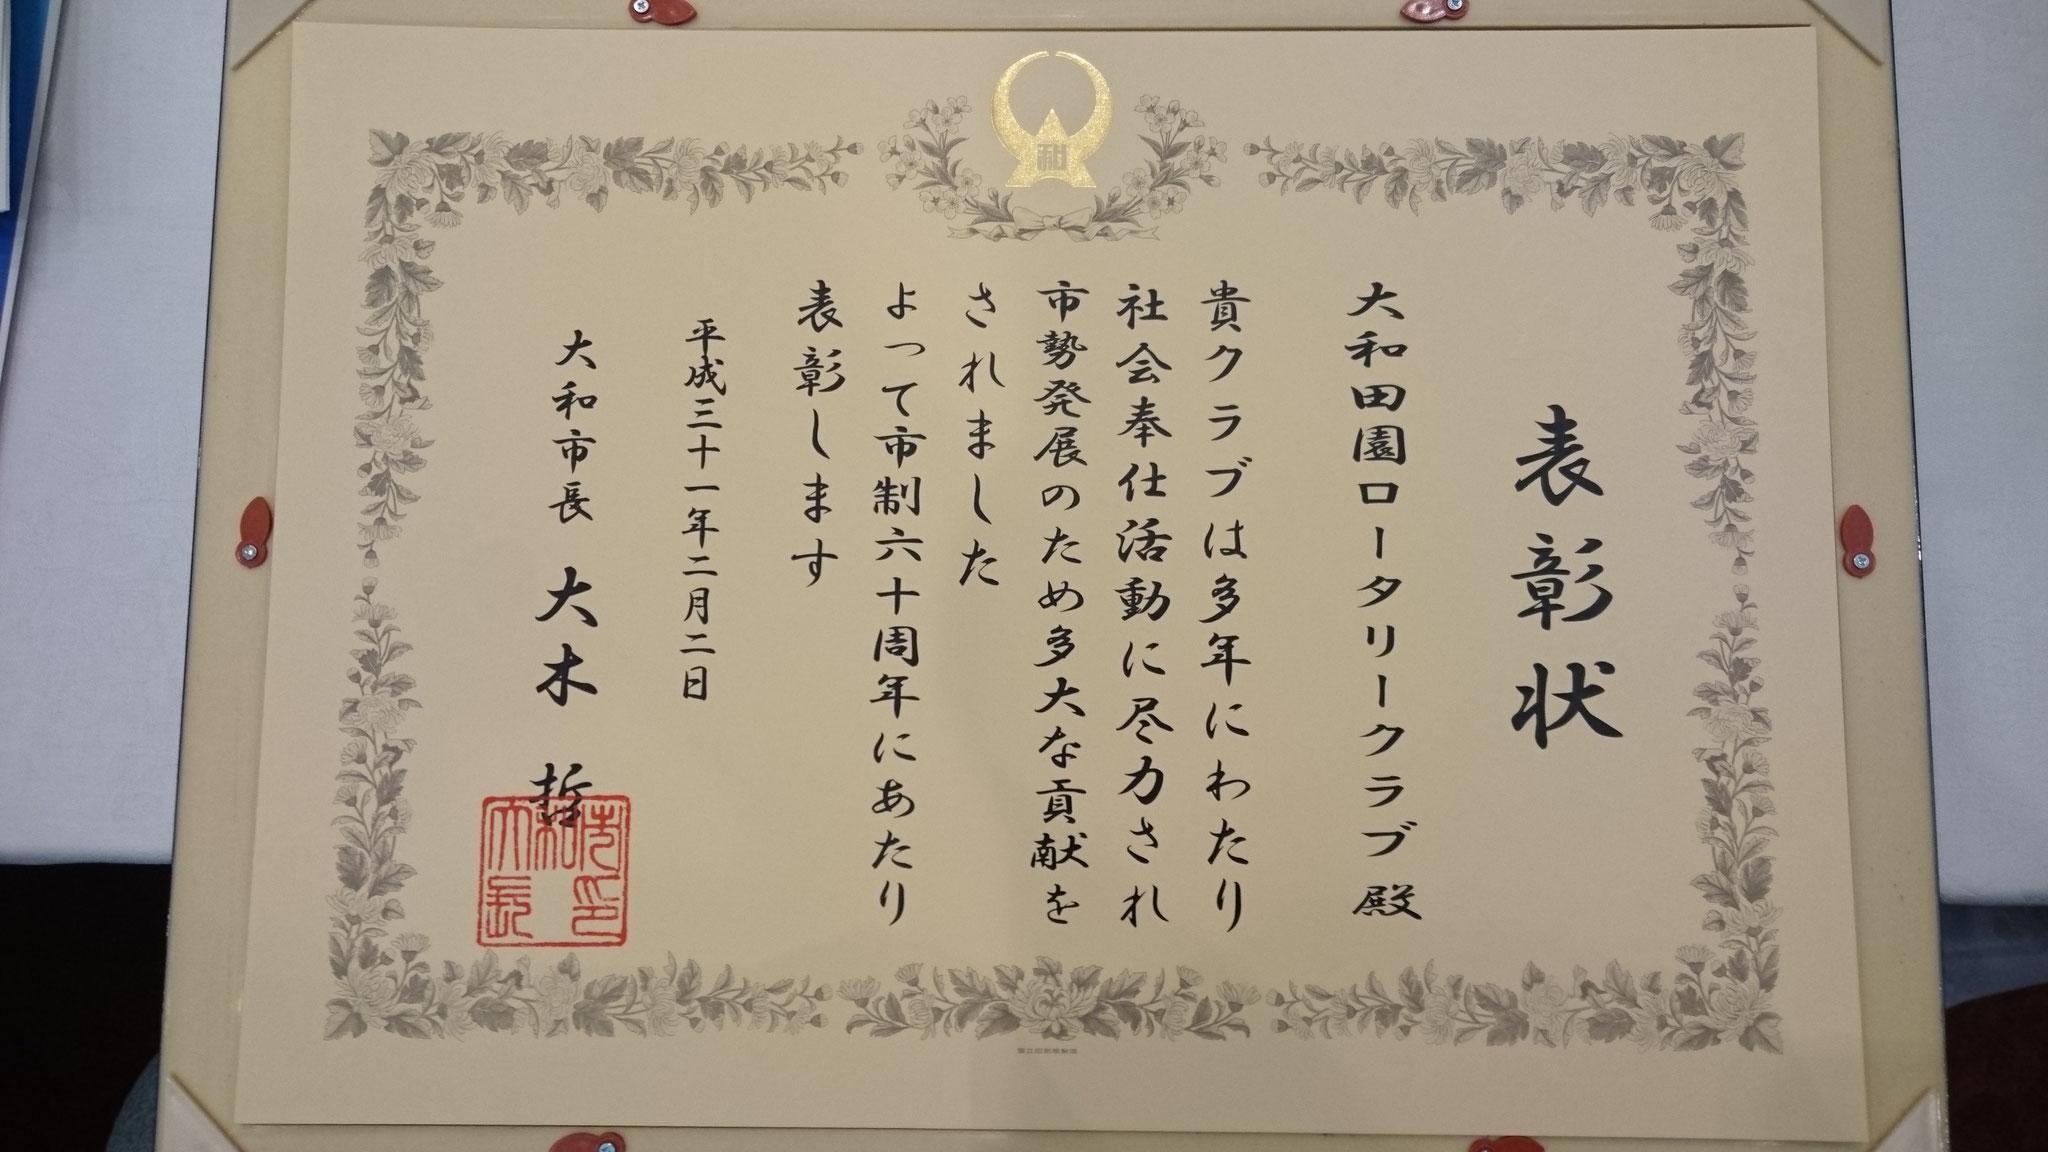 大和市より、永年の社会奉仕活動に対して表彰されました。